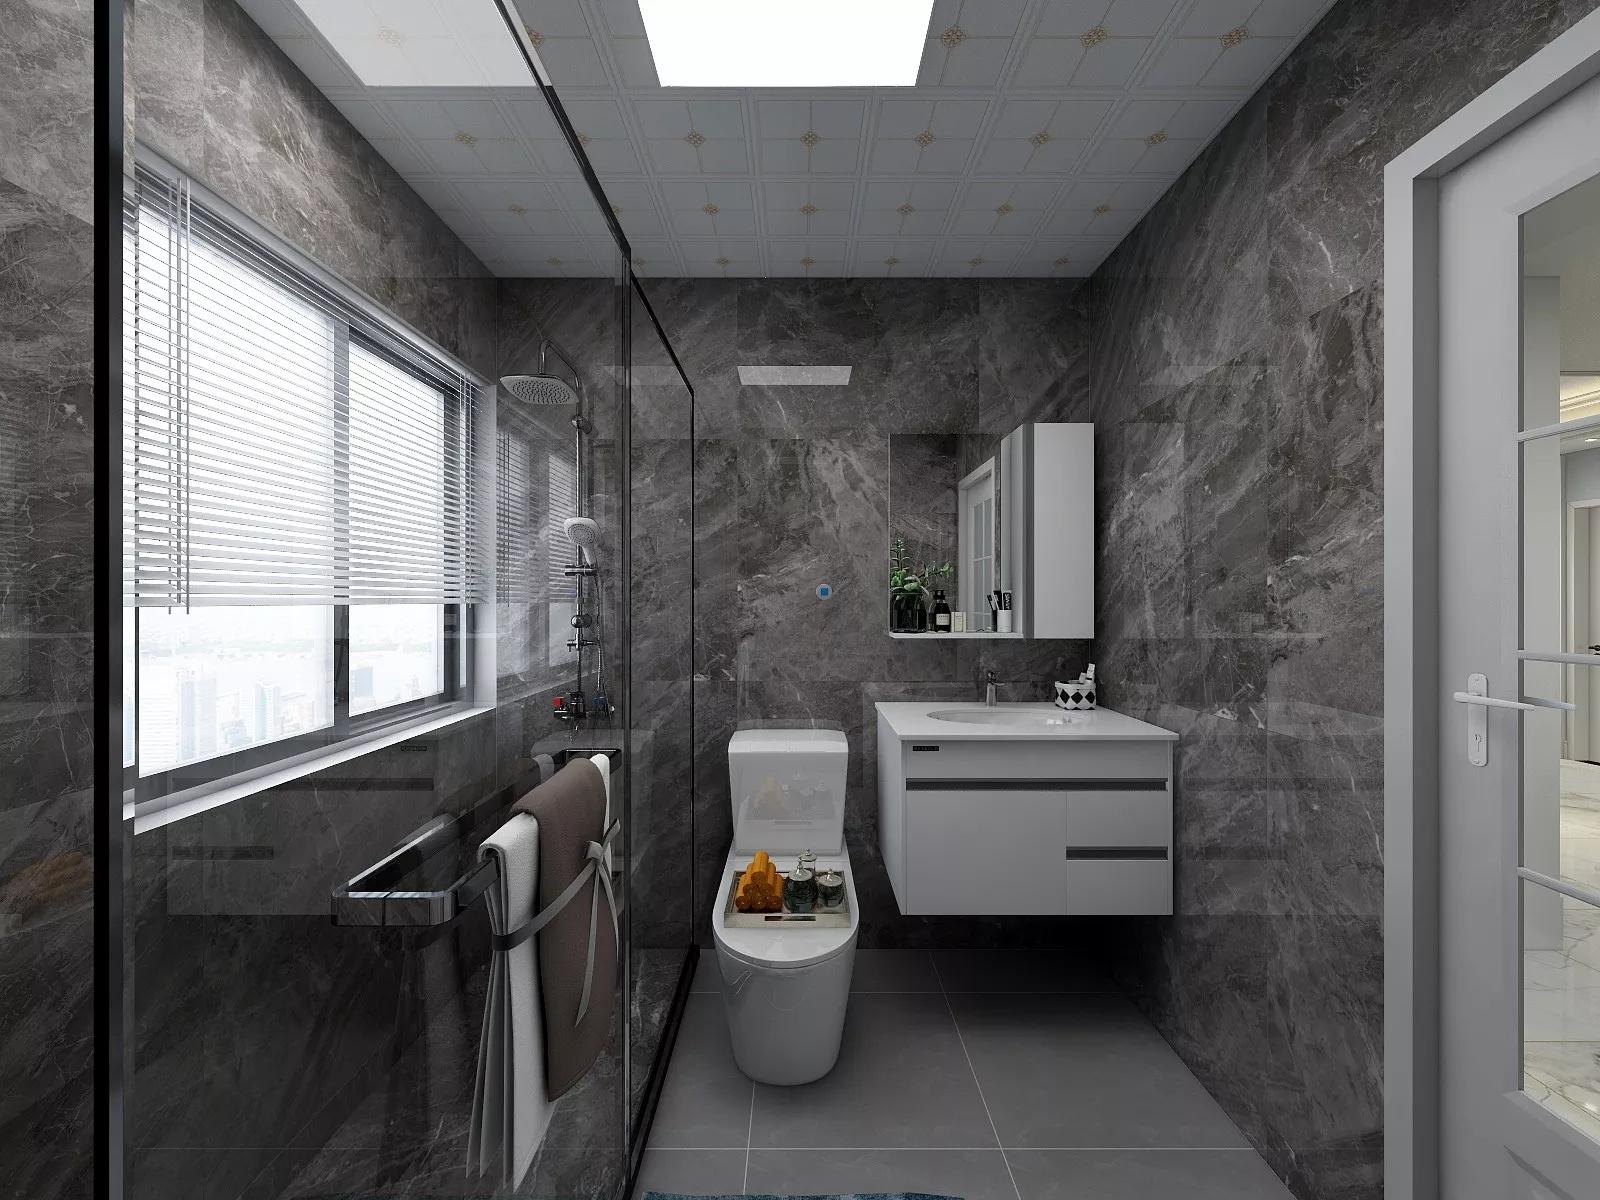 舒适简洁白色风格卧室装修效果图